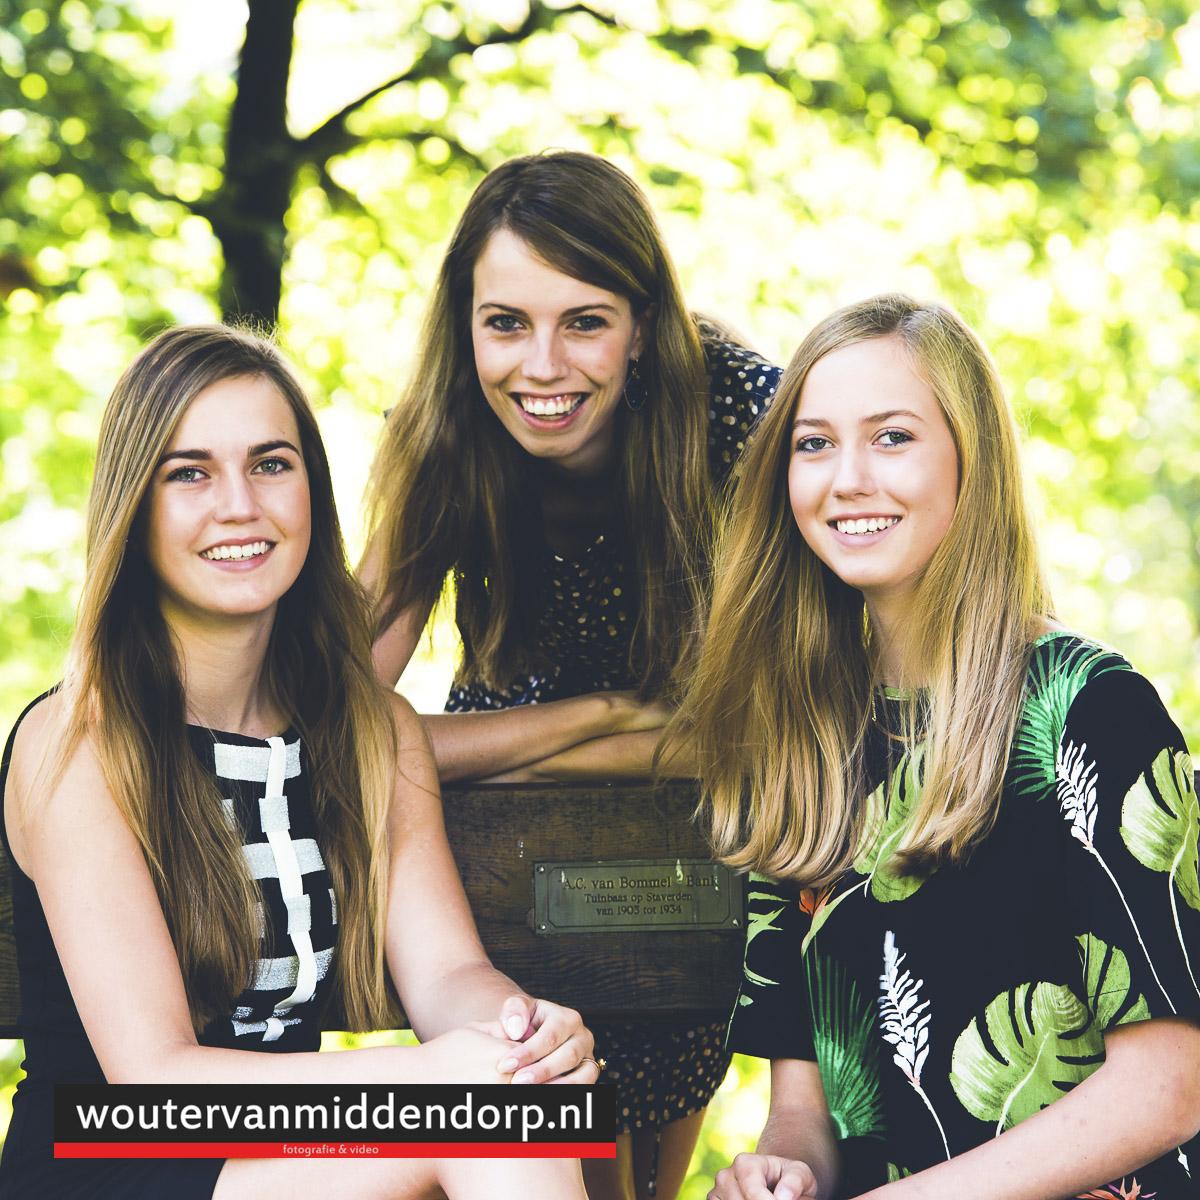 fotografie, Wouter van Middendorp, omgeving Staverden, Uddel, Veluwe, Nunspeet, Putten (4)